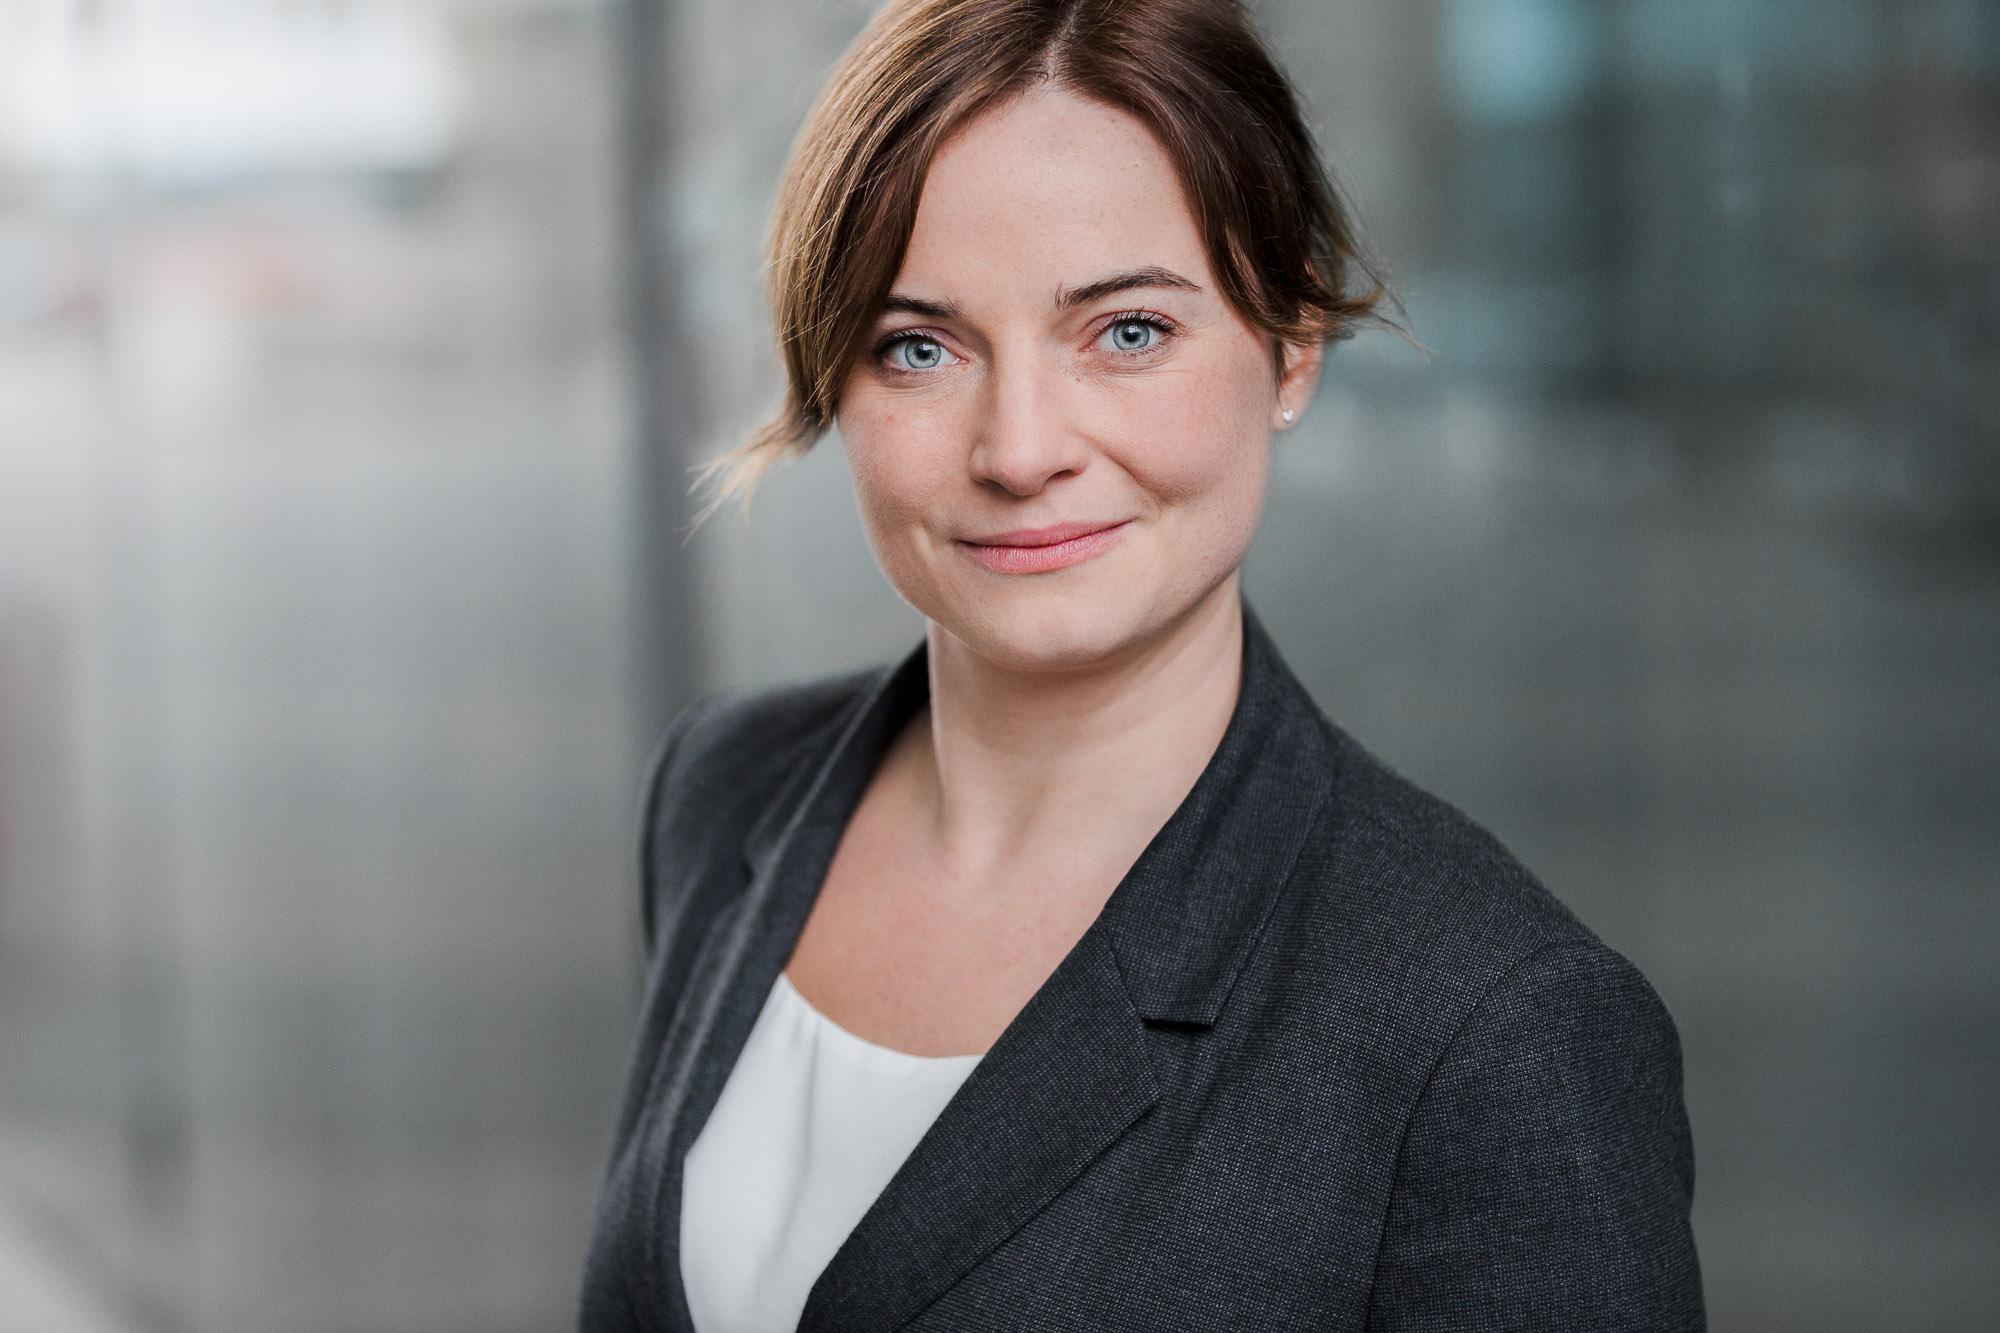 Bewerbungsfoto Rostock. Bewerbungsbild einer jungen Frau. Im Hintergrund ist die Deutsche Med zu sehen.